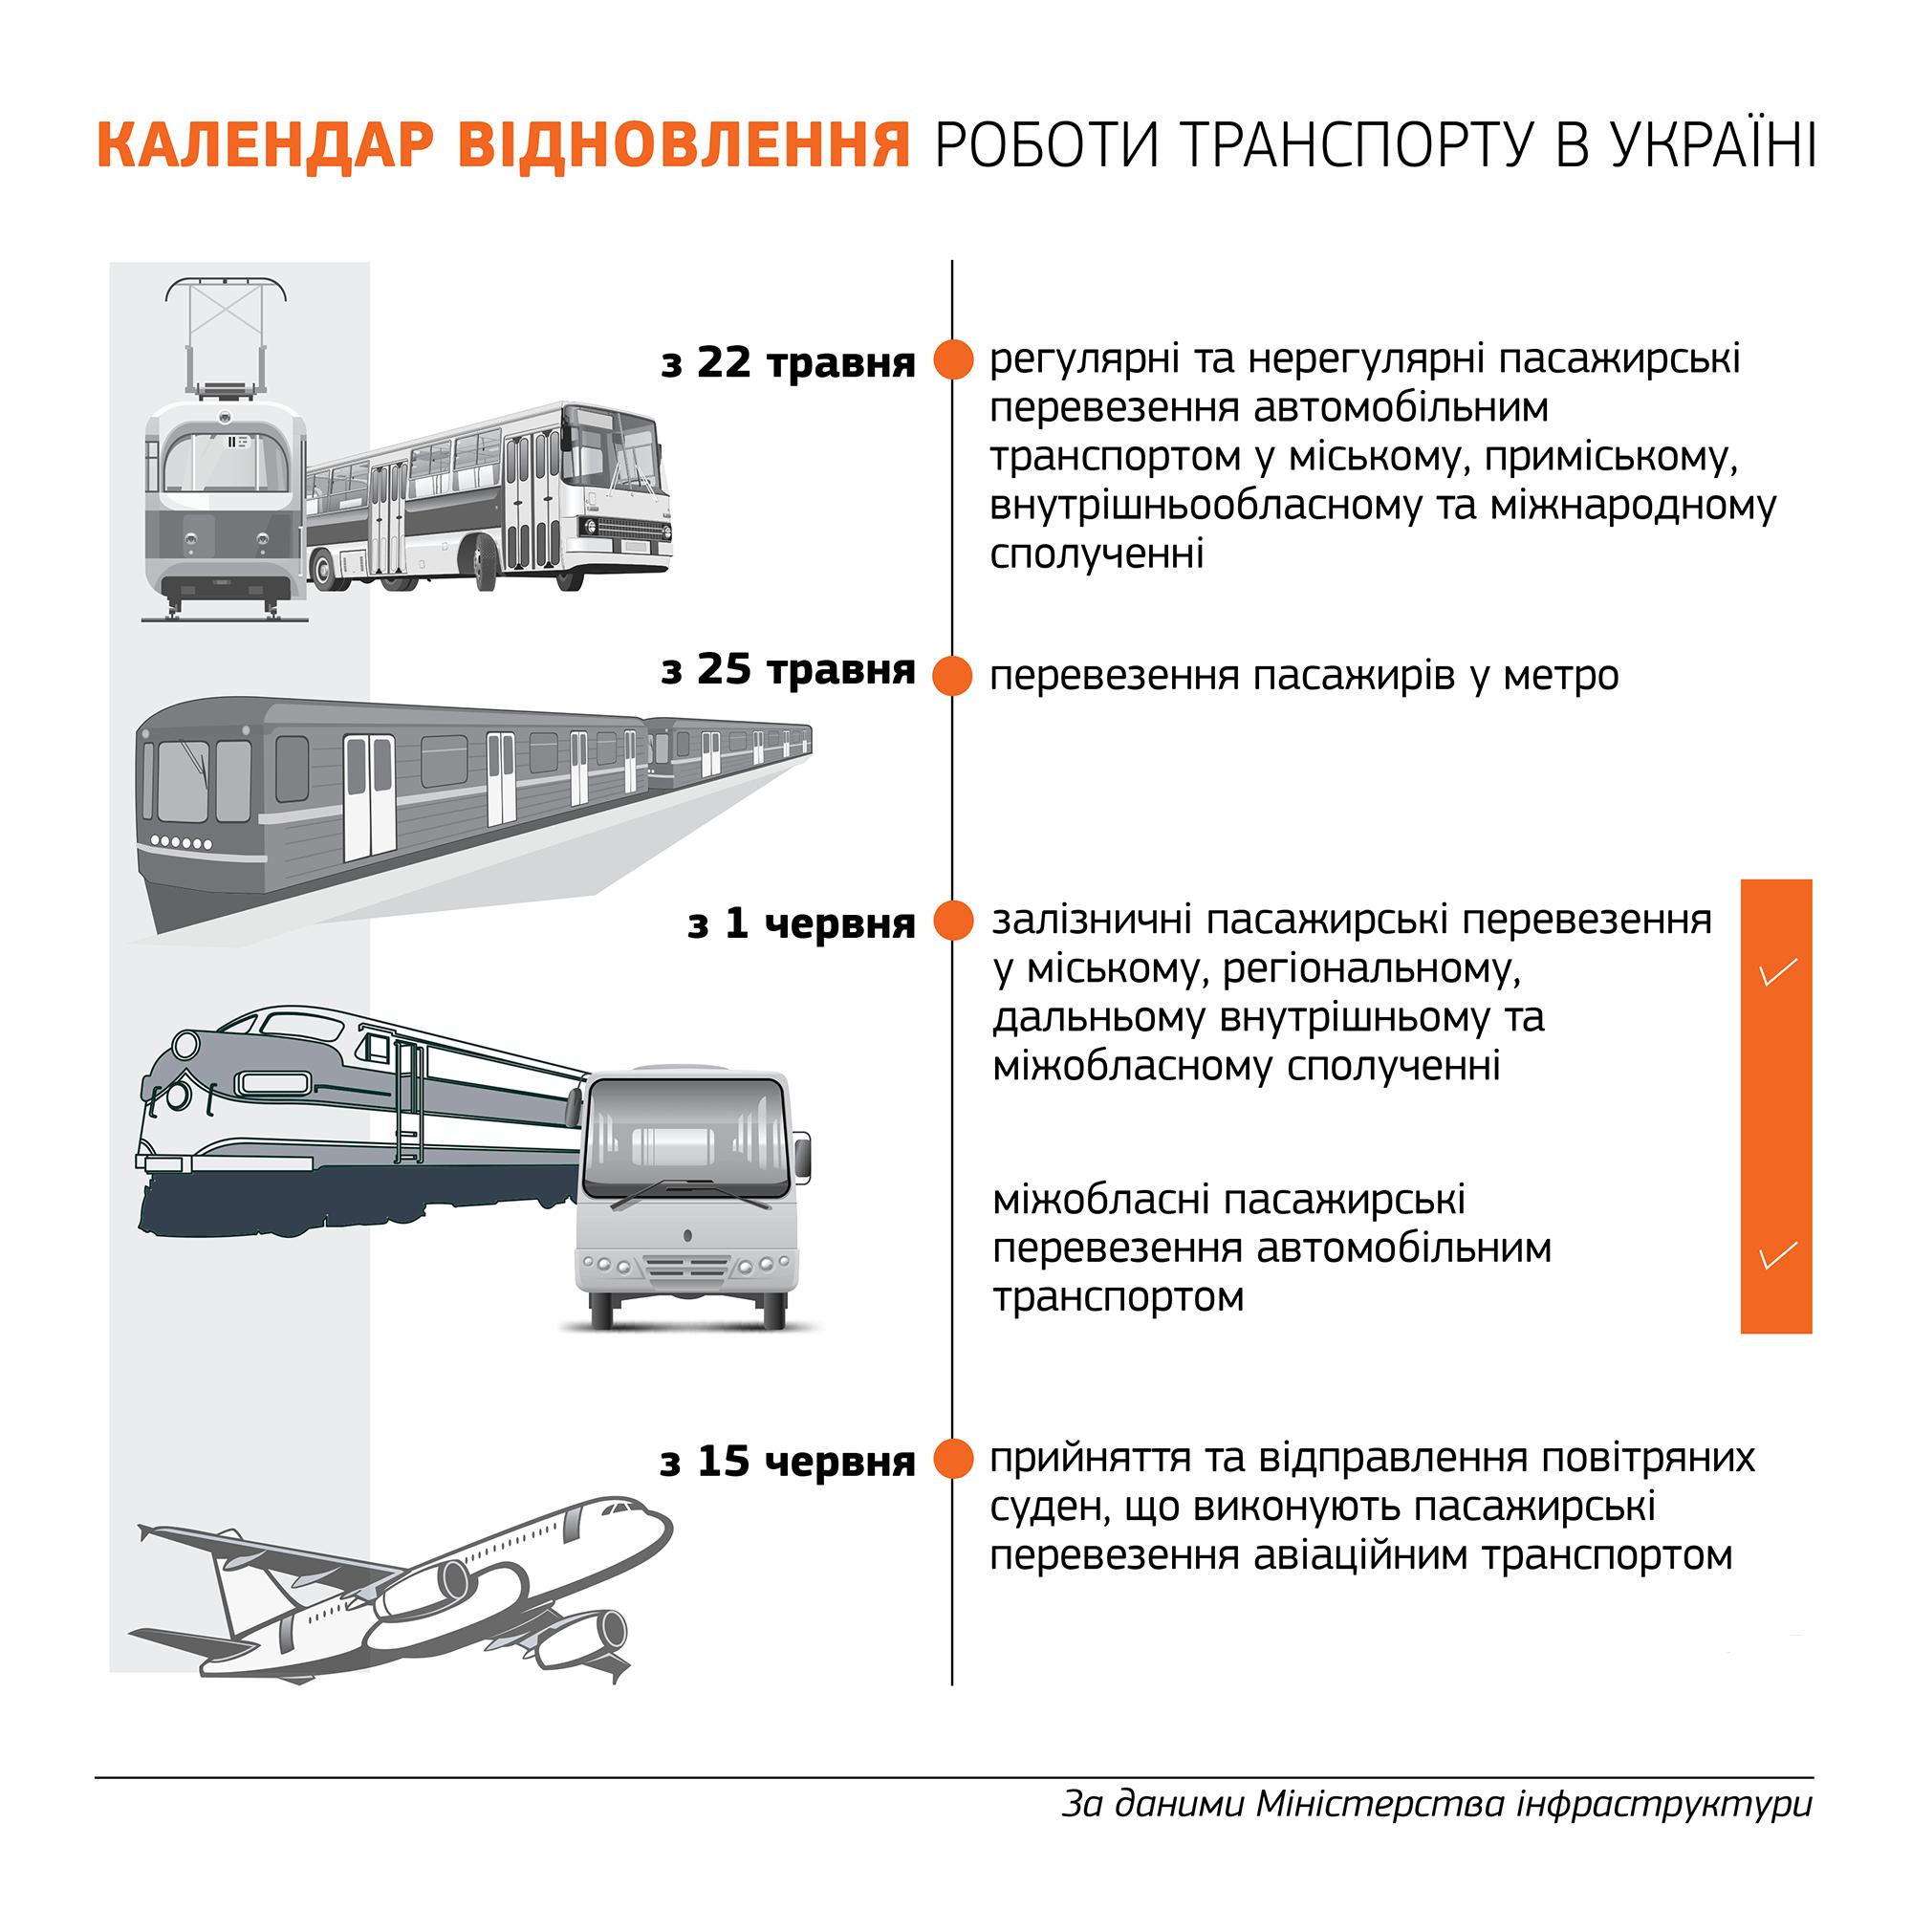 У Мінінфраструктури назвали дати відновлення транспортного сполучення в України